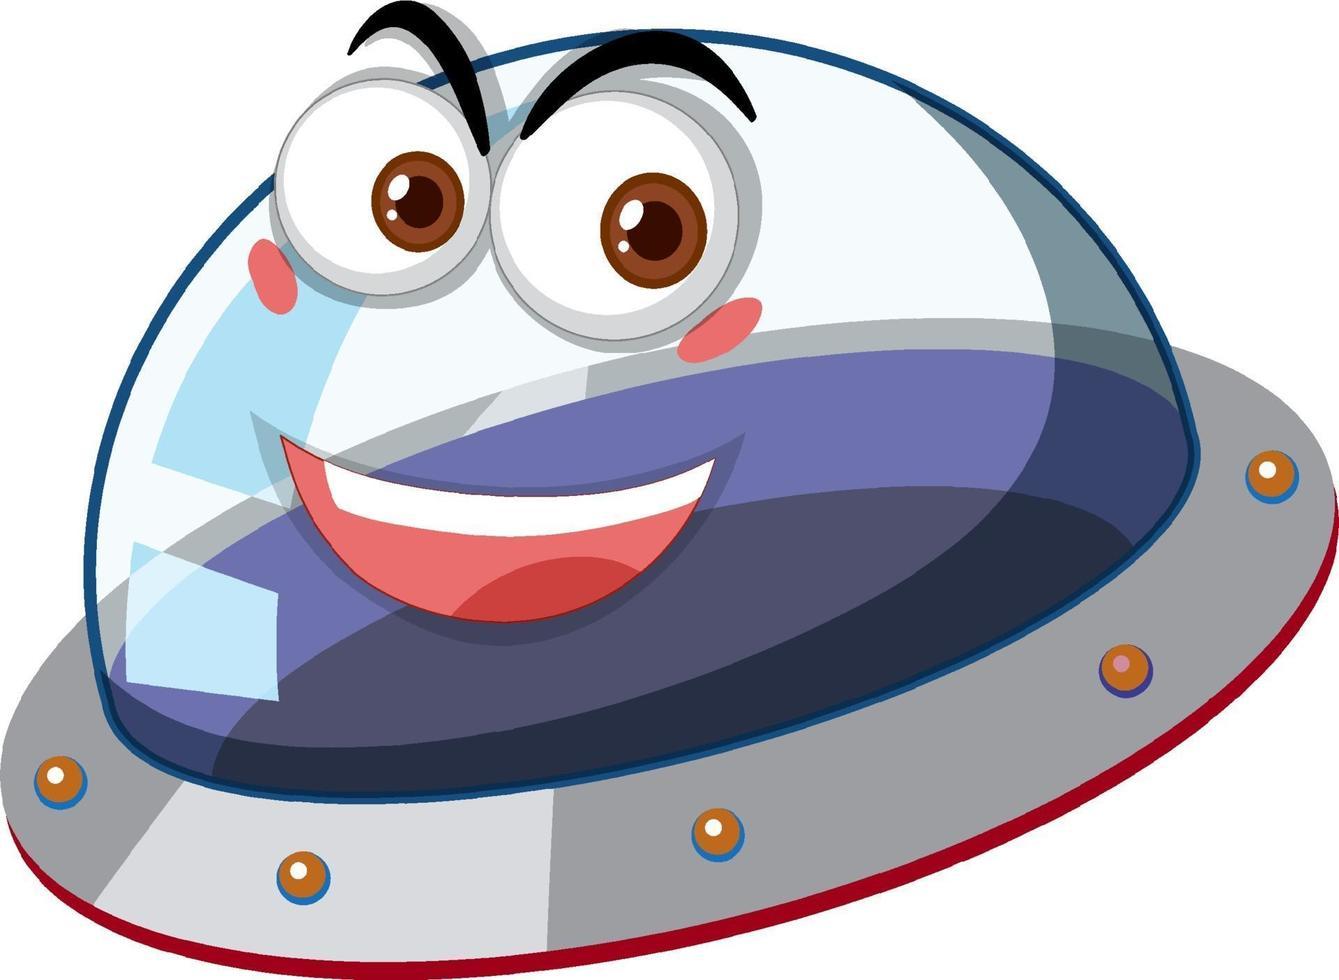 ufo met blij gezicht expressie op witte achtergrond vector